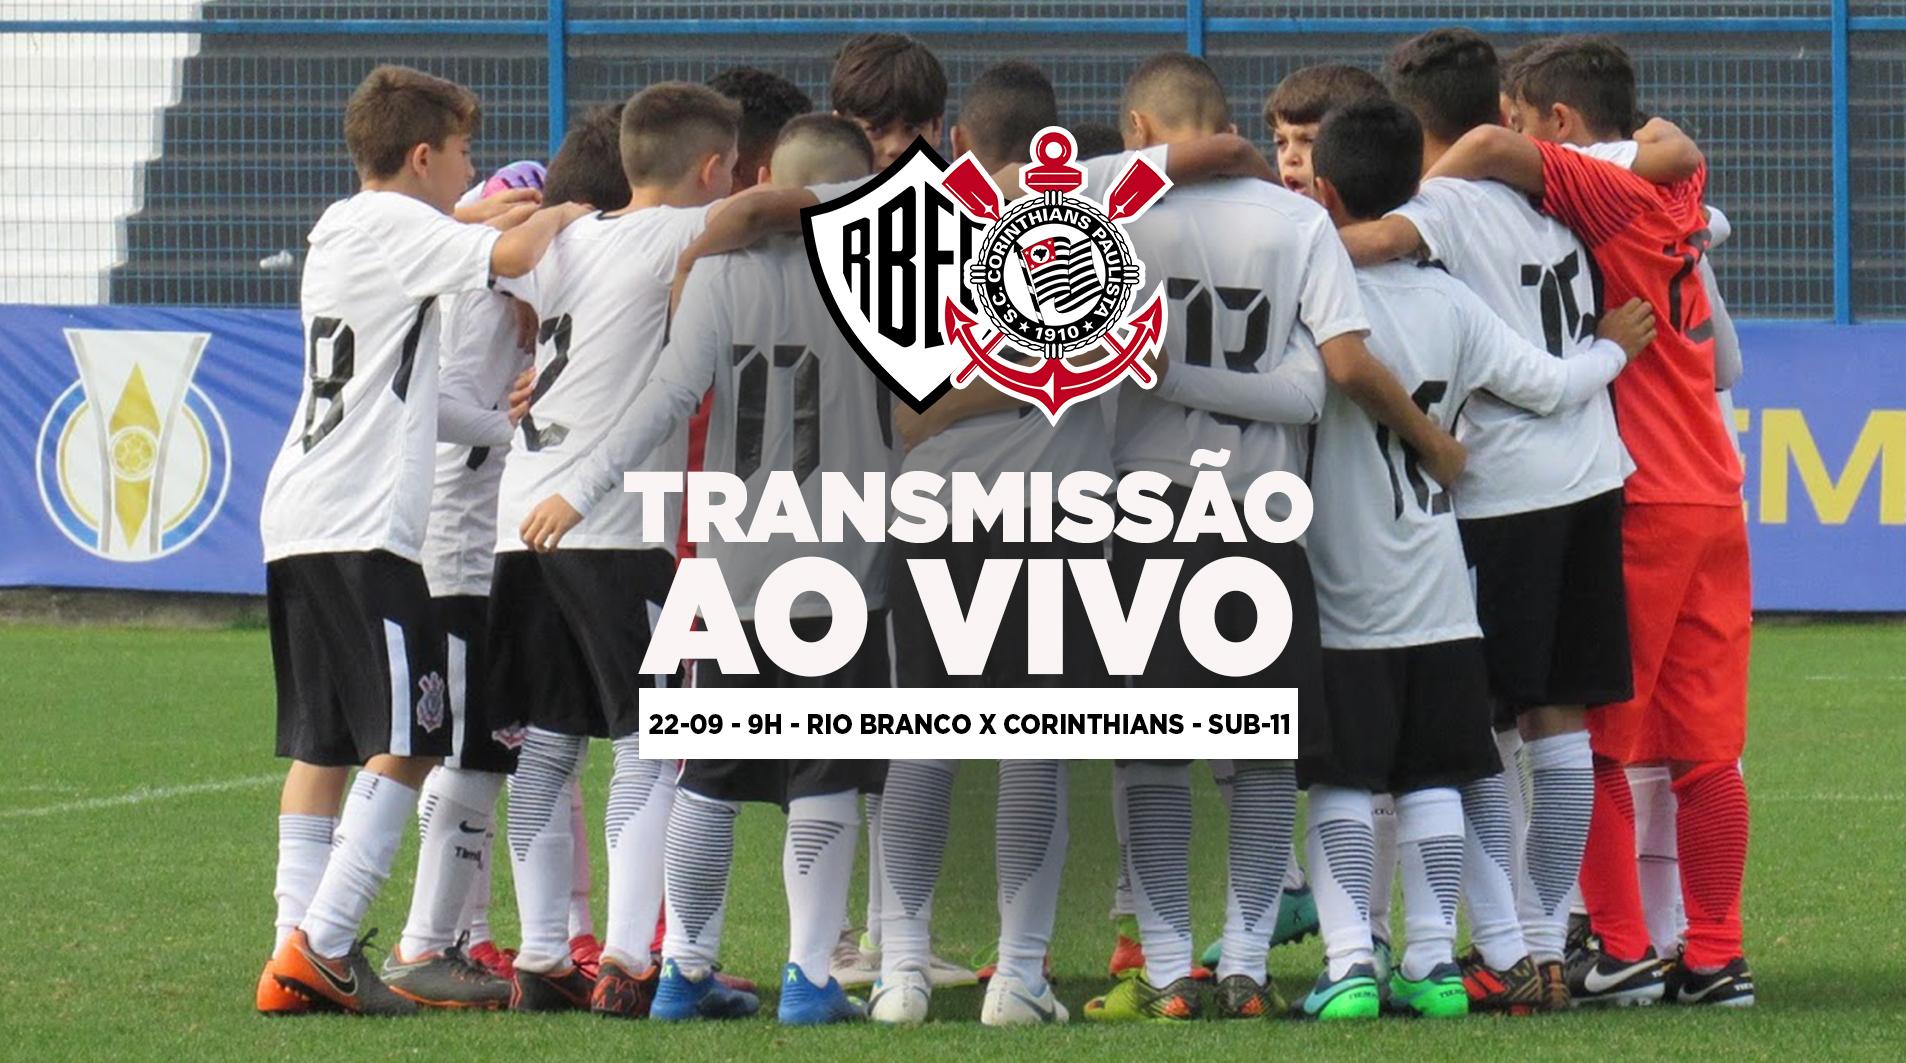 Rio Branco x Corinthians - Paulistão Sub-11 2018